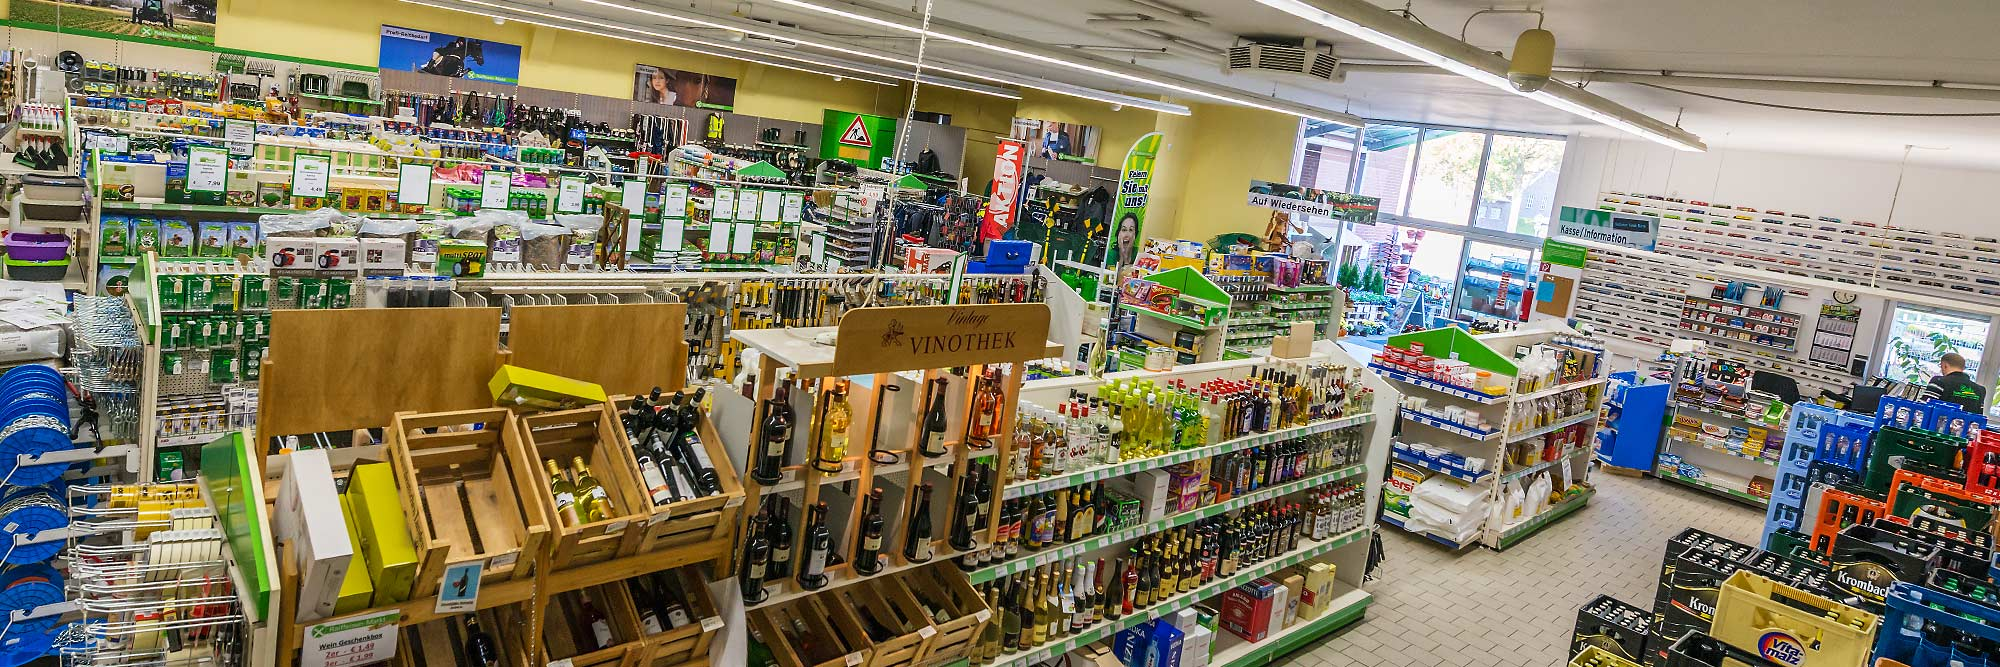 Raiffeisen Markt Ottmarsbocholt Innen